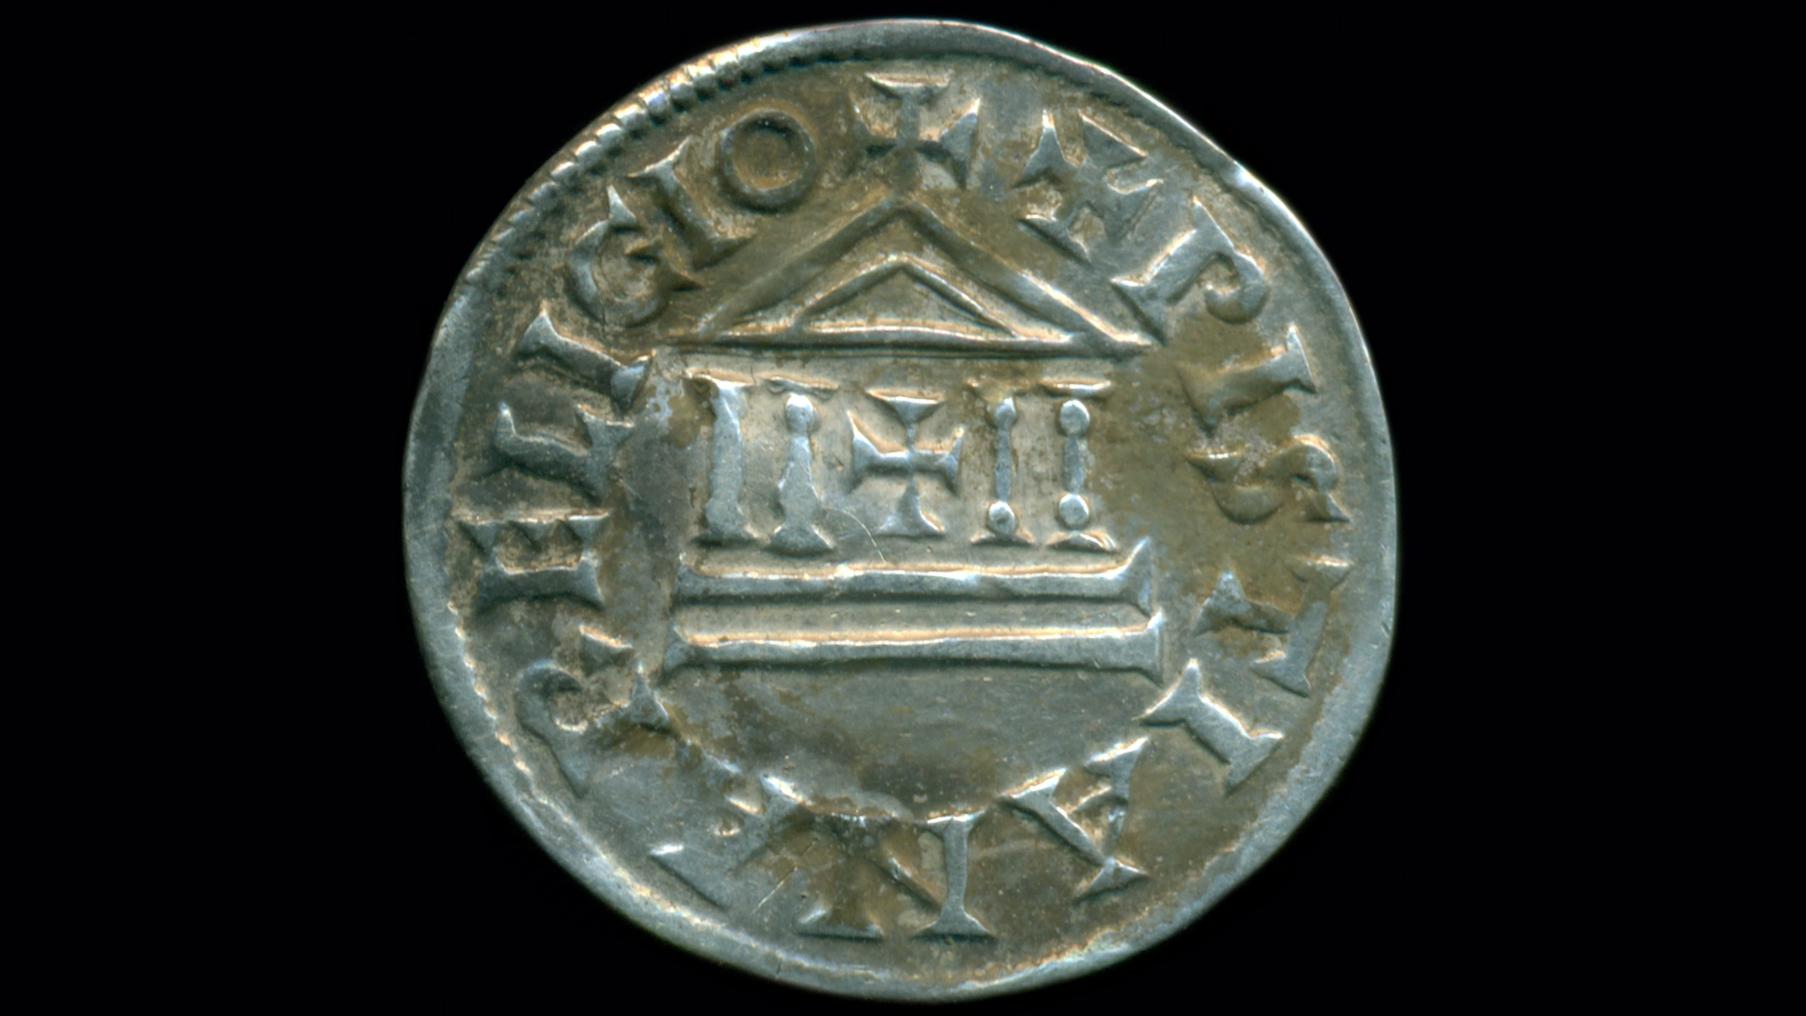 Les pièces d'argent sont dans un style distinctif utilisé par les rois carolingiens successifs, avec des inscriptions latines autour d'un crucifix central et l'emblème d'un temple.